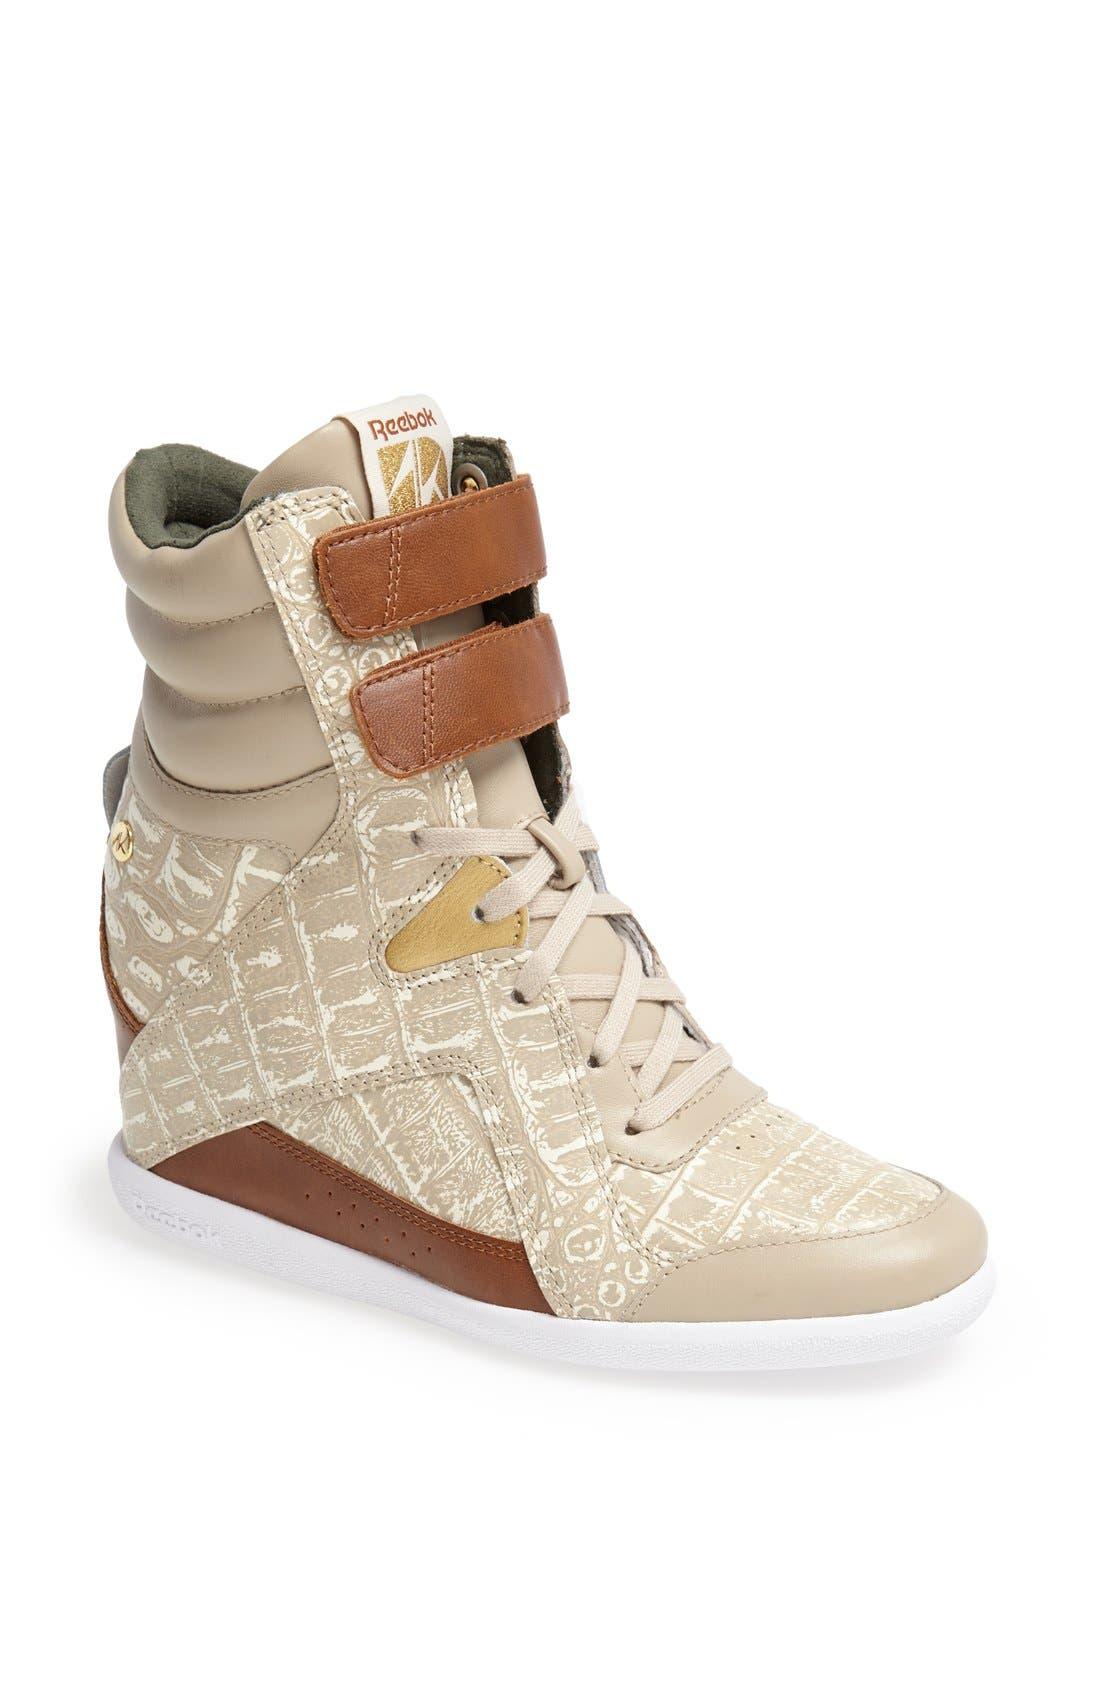 Main Image - Reebok Wedge Sneaker